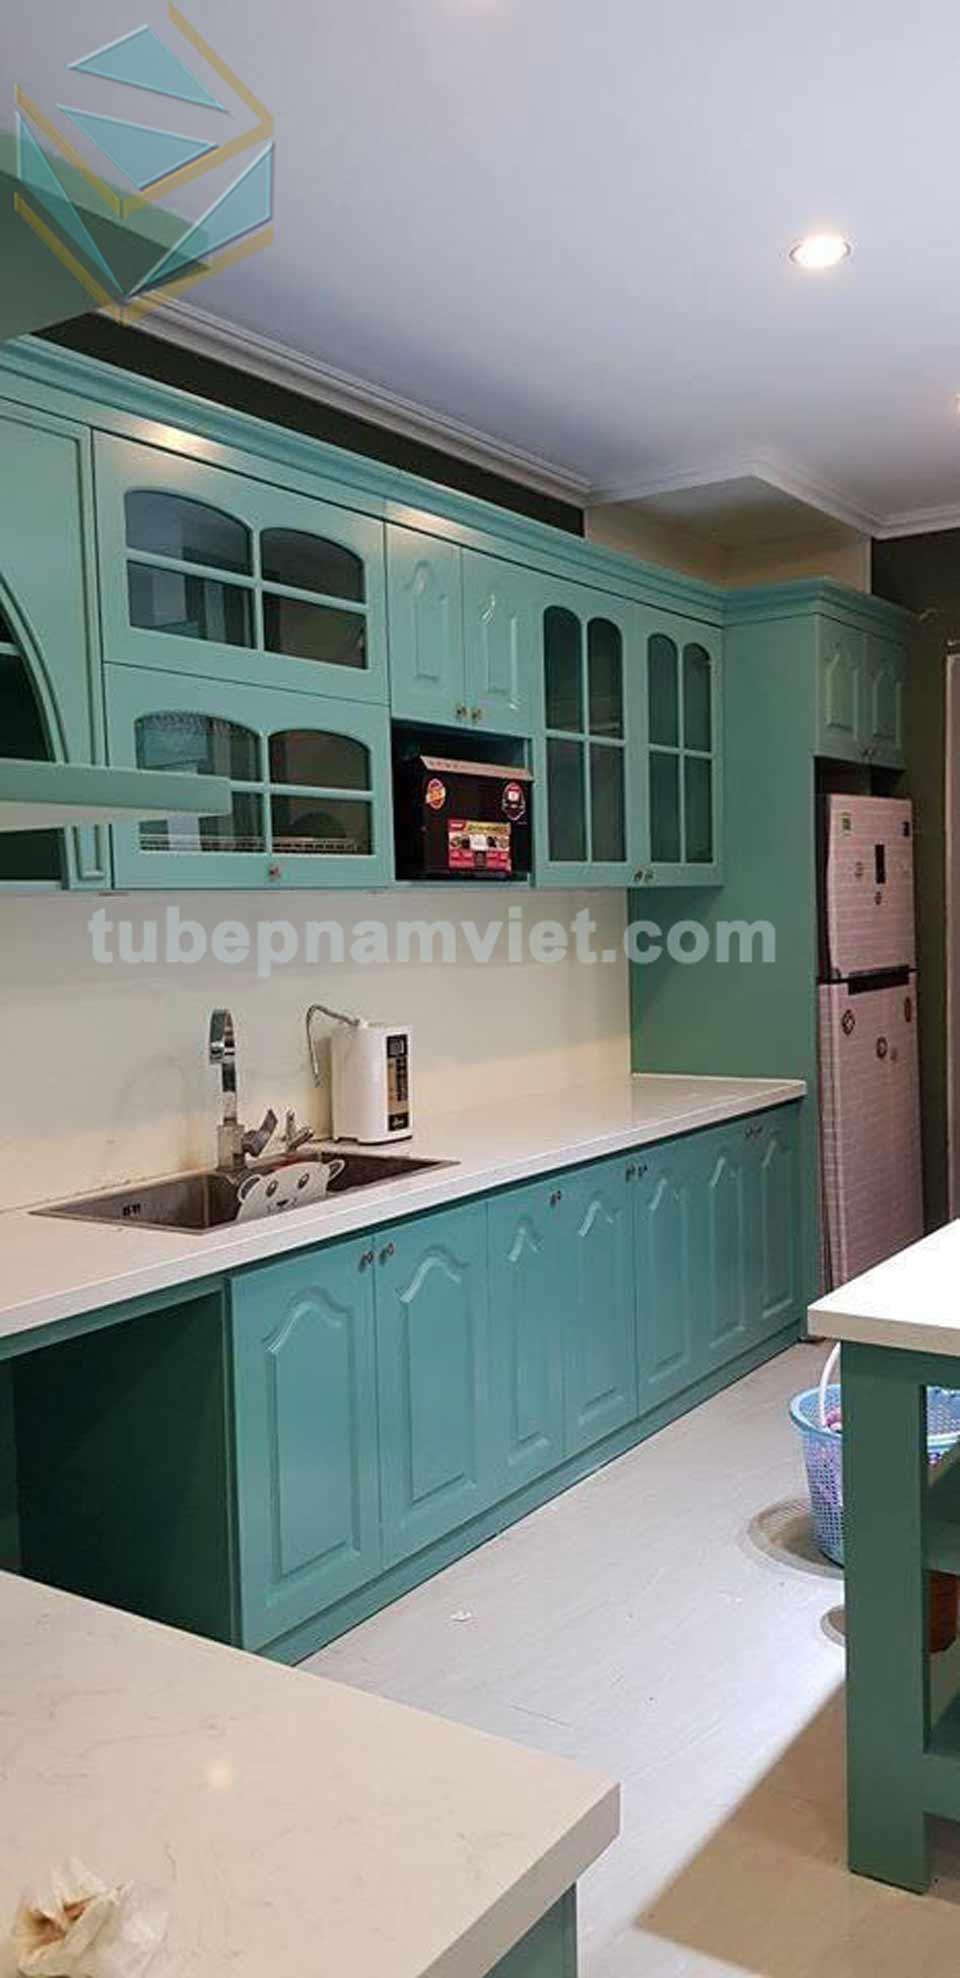 Xu hướng mẫu tủ bếp gỗ sồi sơn xanh bán cổ điển 2020